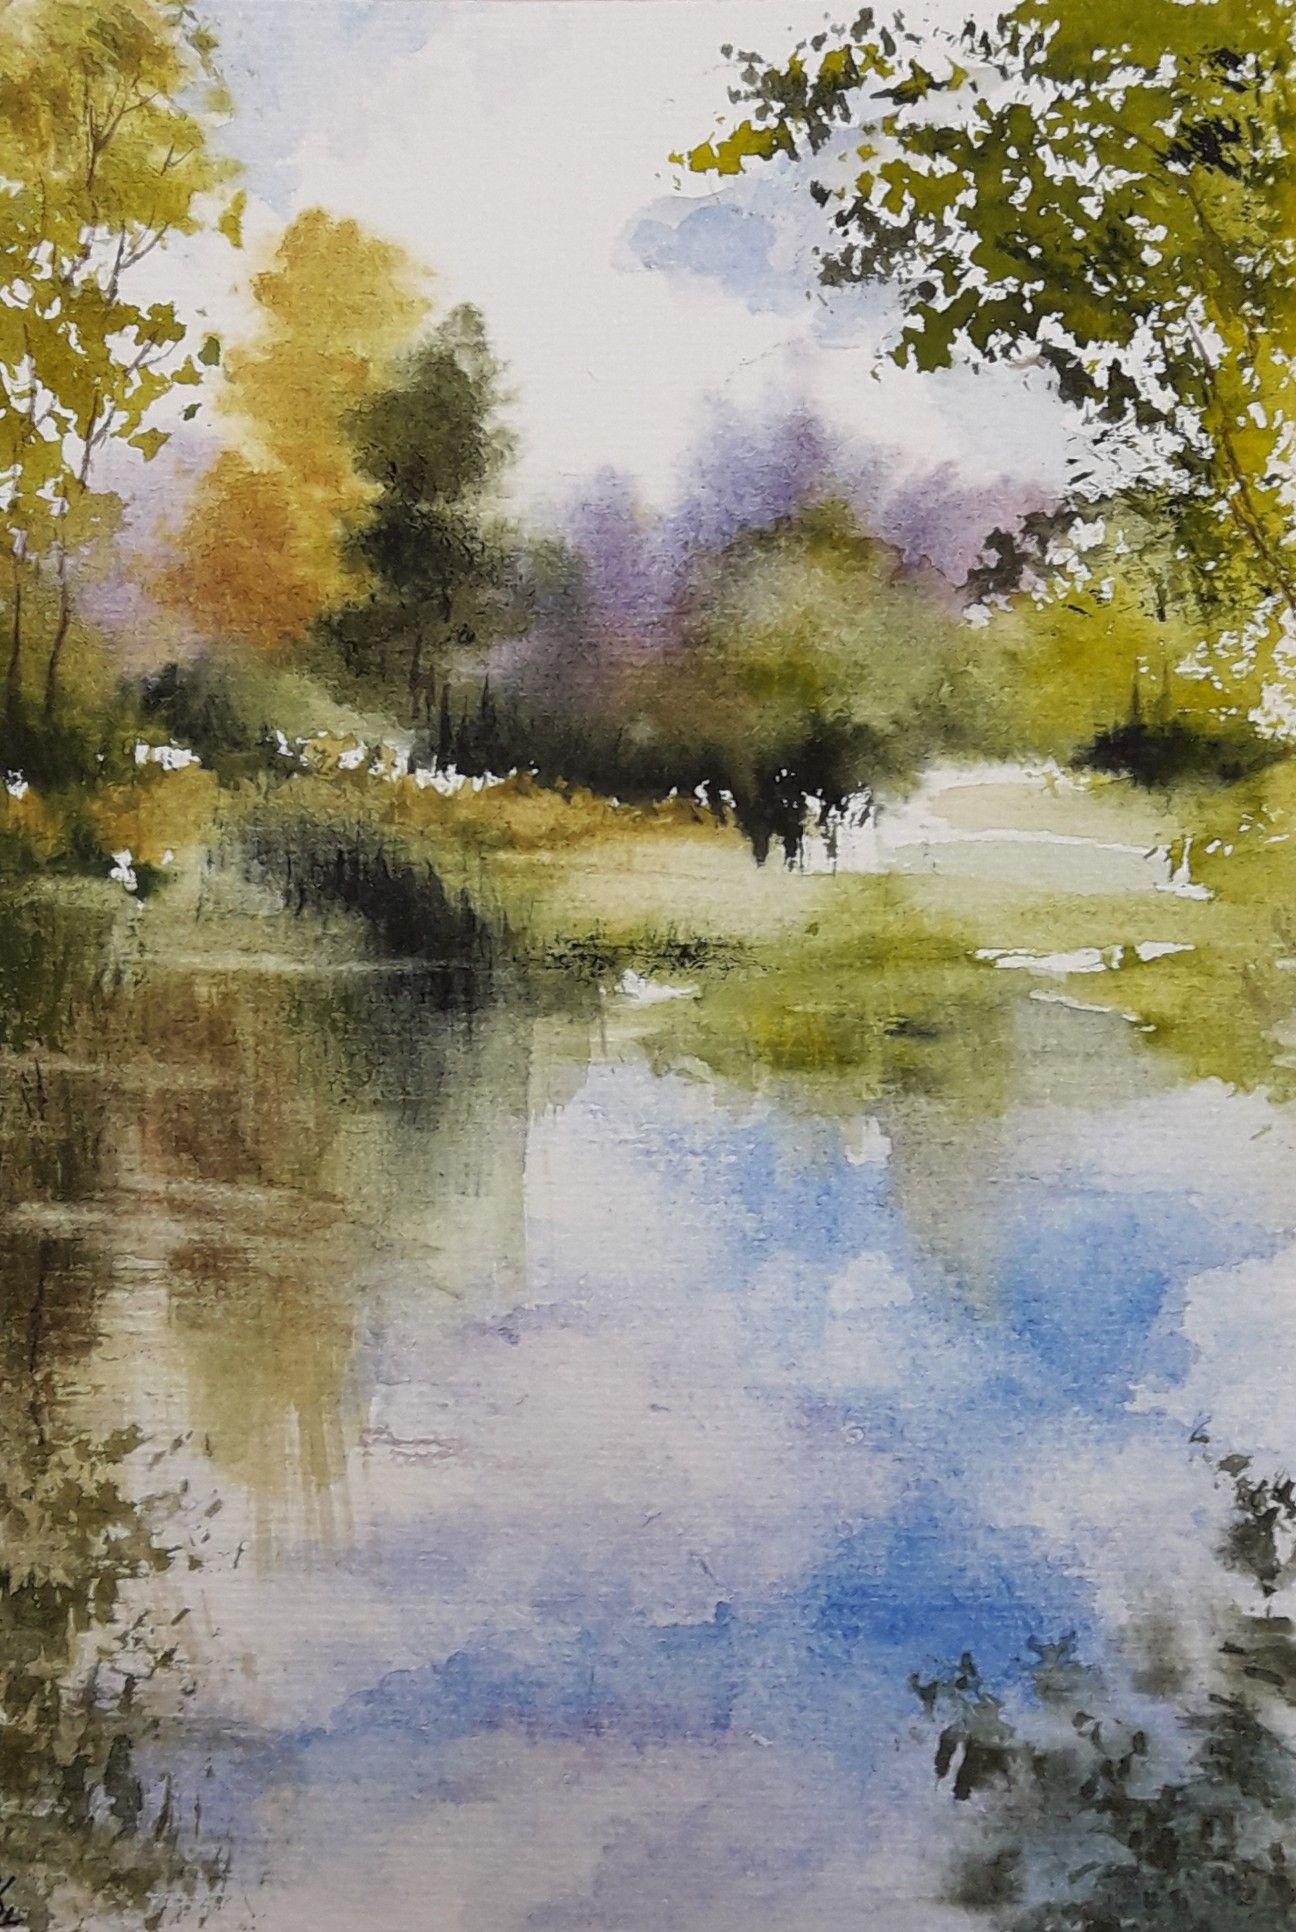 12 5x18cm Aquarelles Watercolors Abby Paysages Peinture